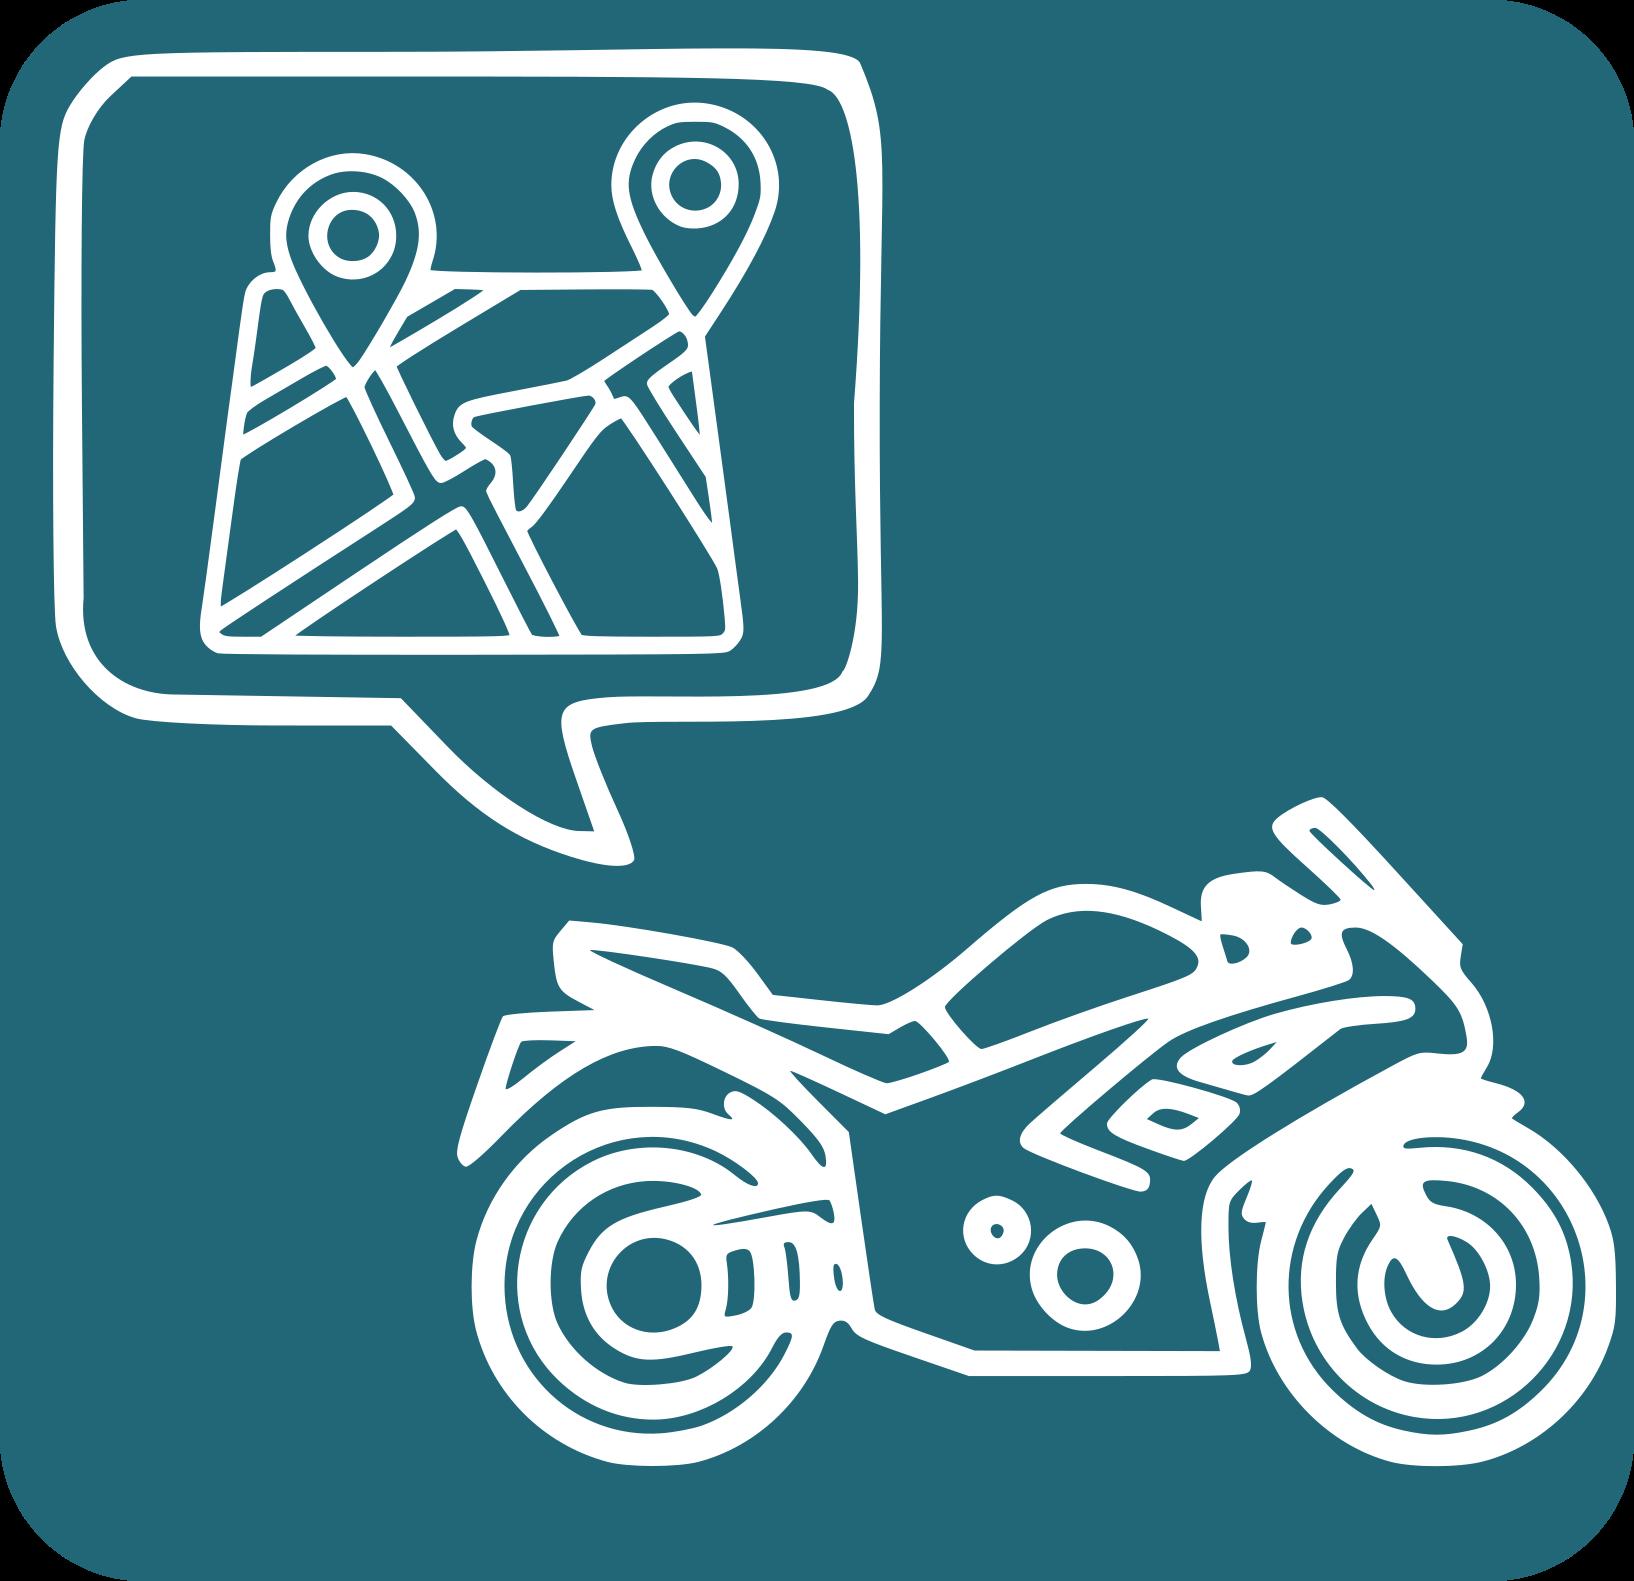 Icona d'una moto i casc